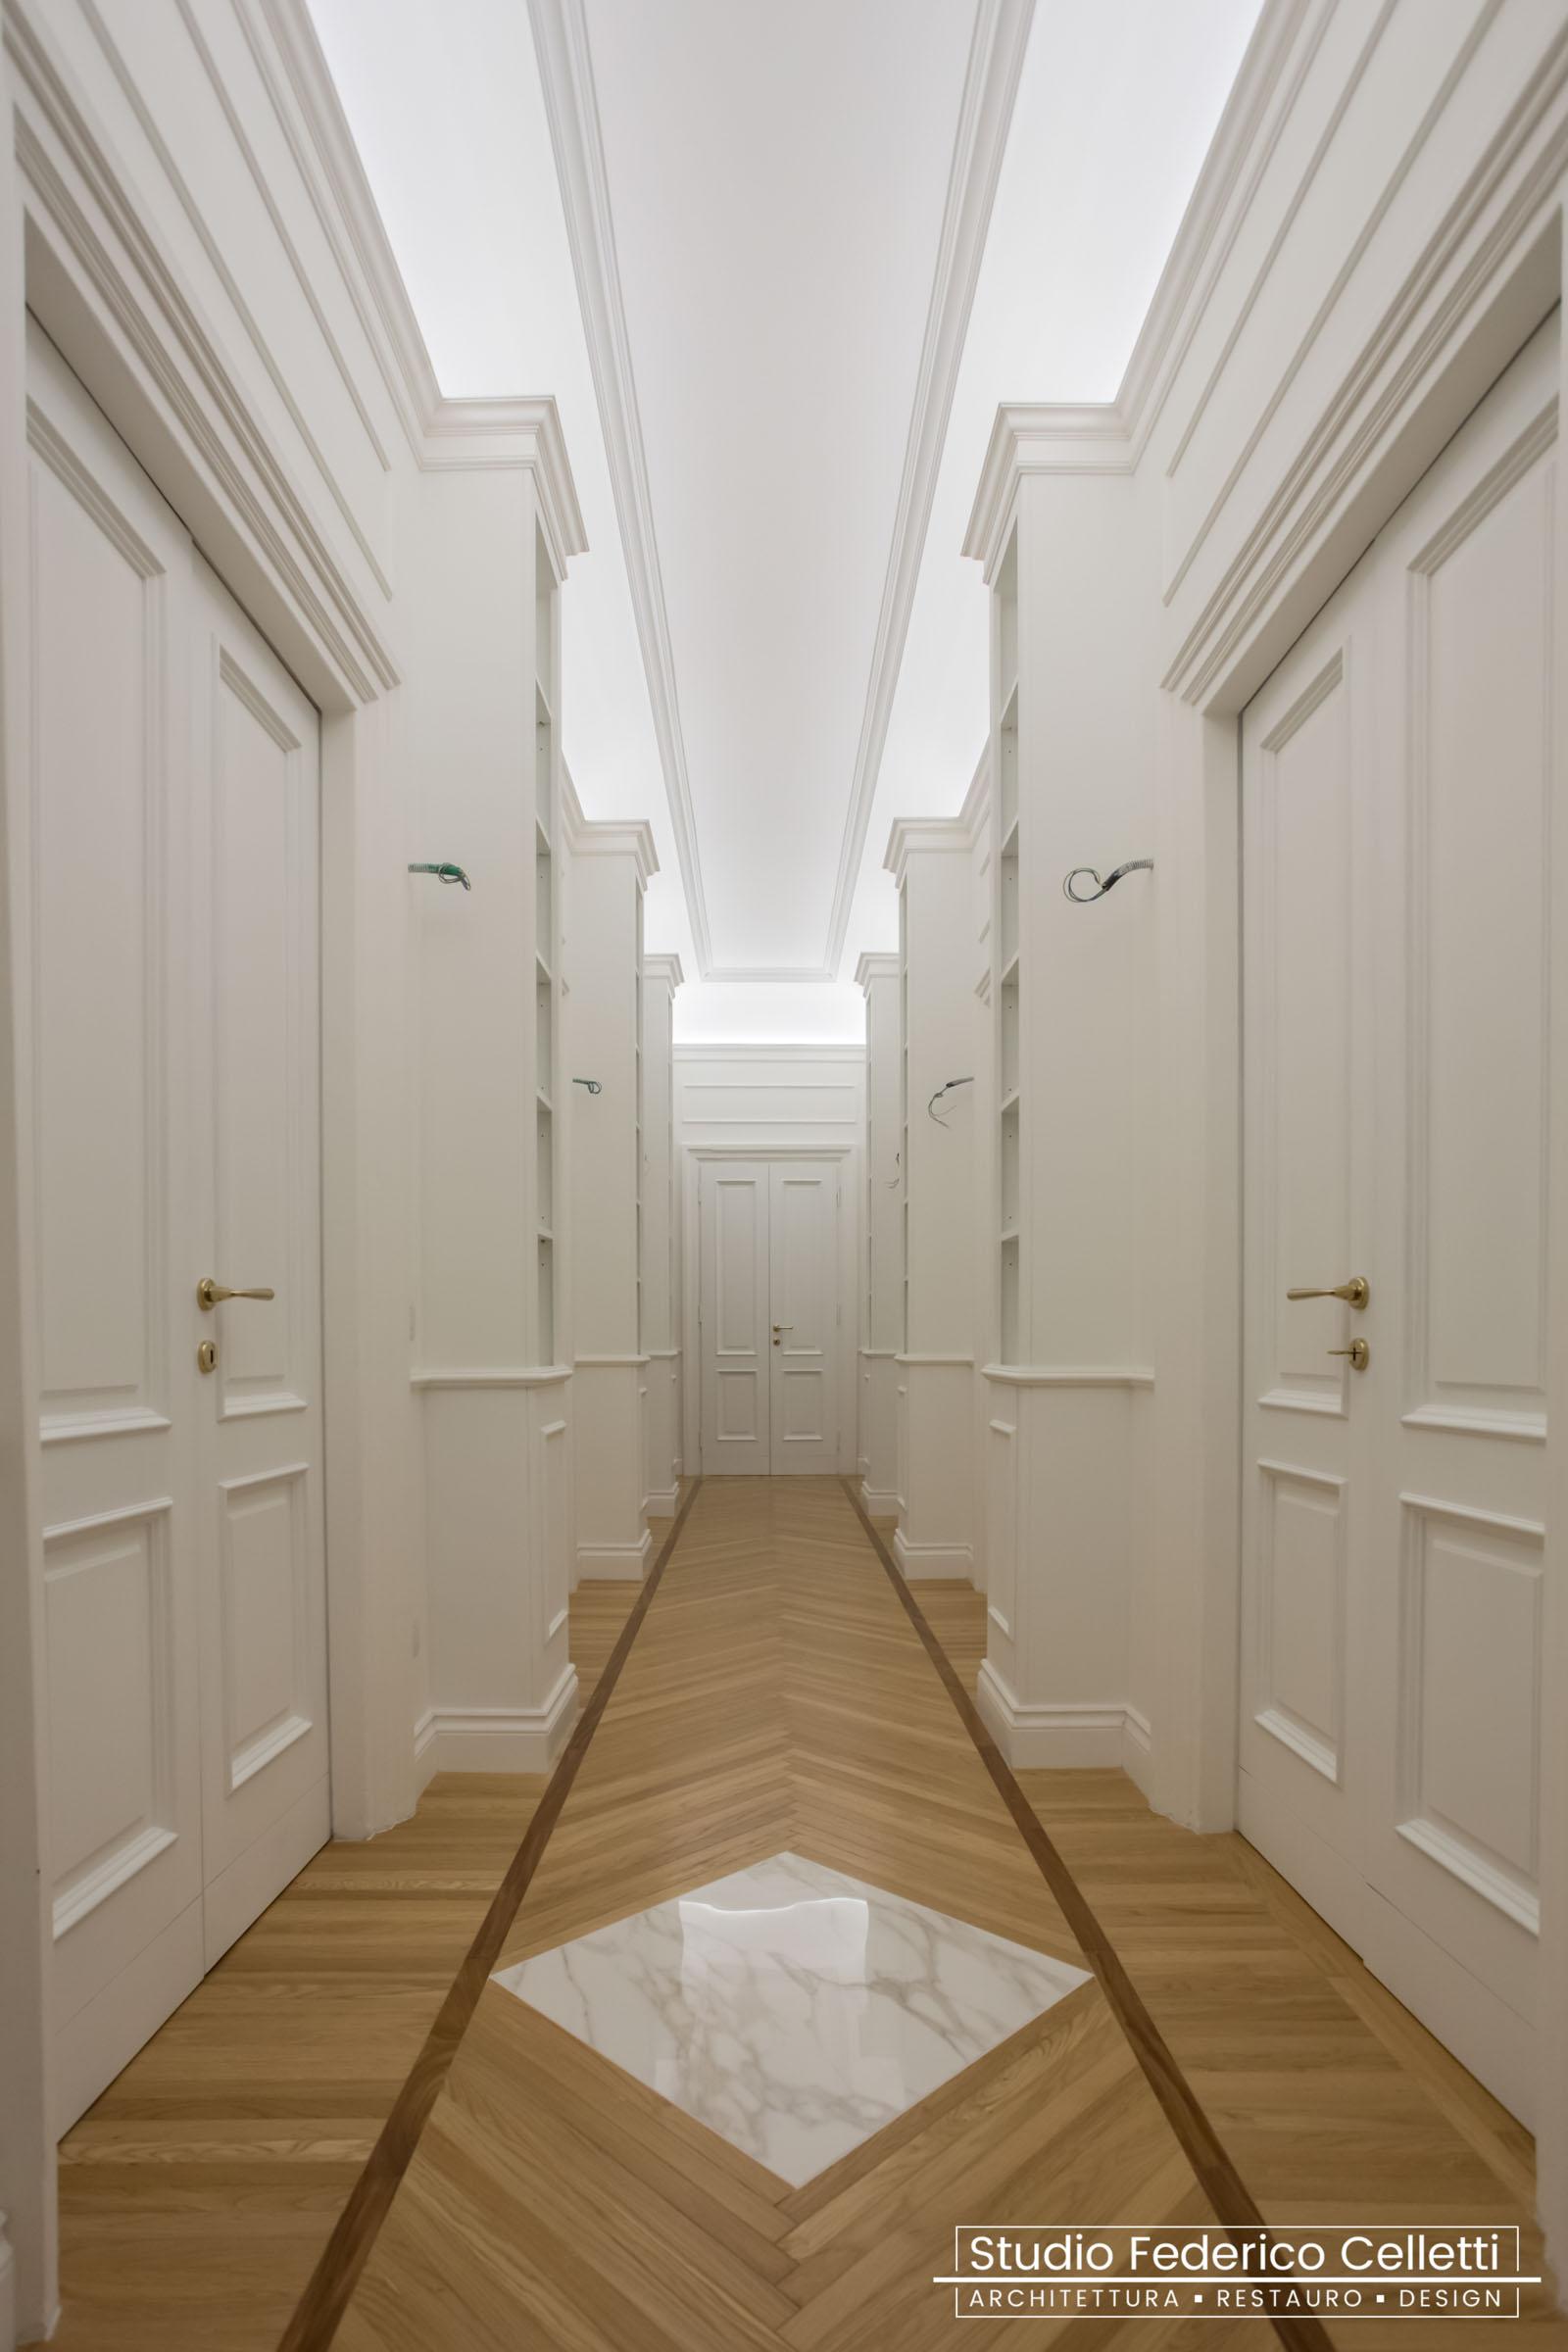 Corridoio Casa N Dopo i lavori di Restauro e Interior Design